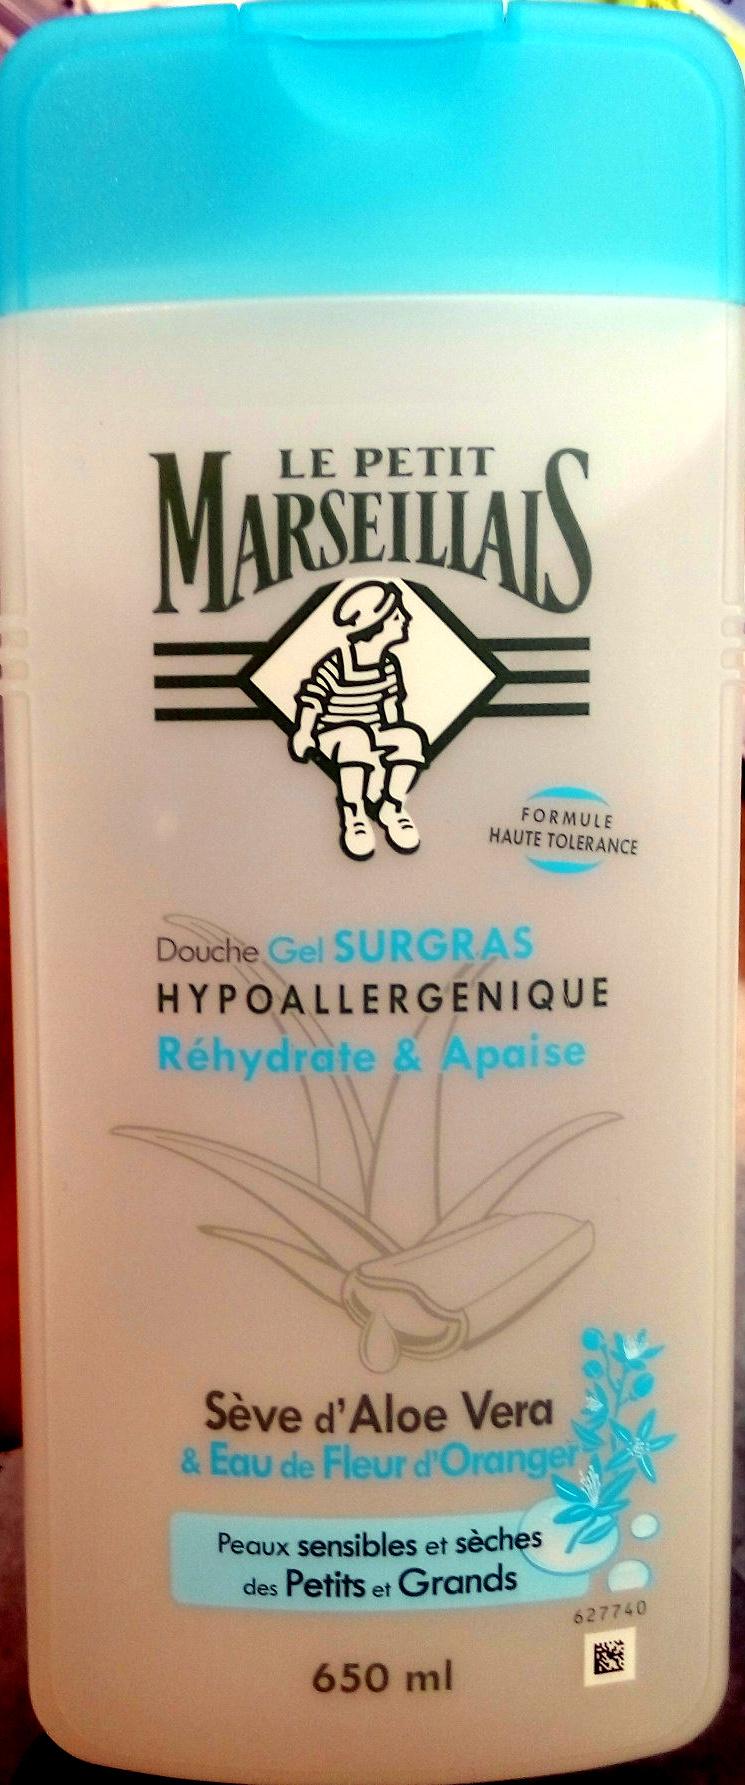 Douche gel surgras hypoallergénique à la sève d'aloe vera et à l'eau de fleur d'oranger - Product - fr